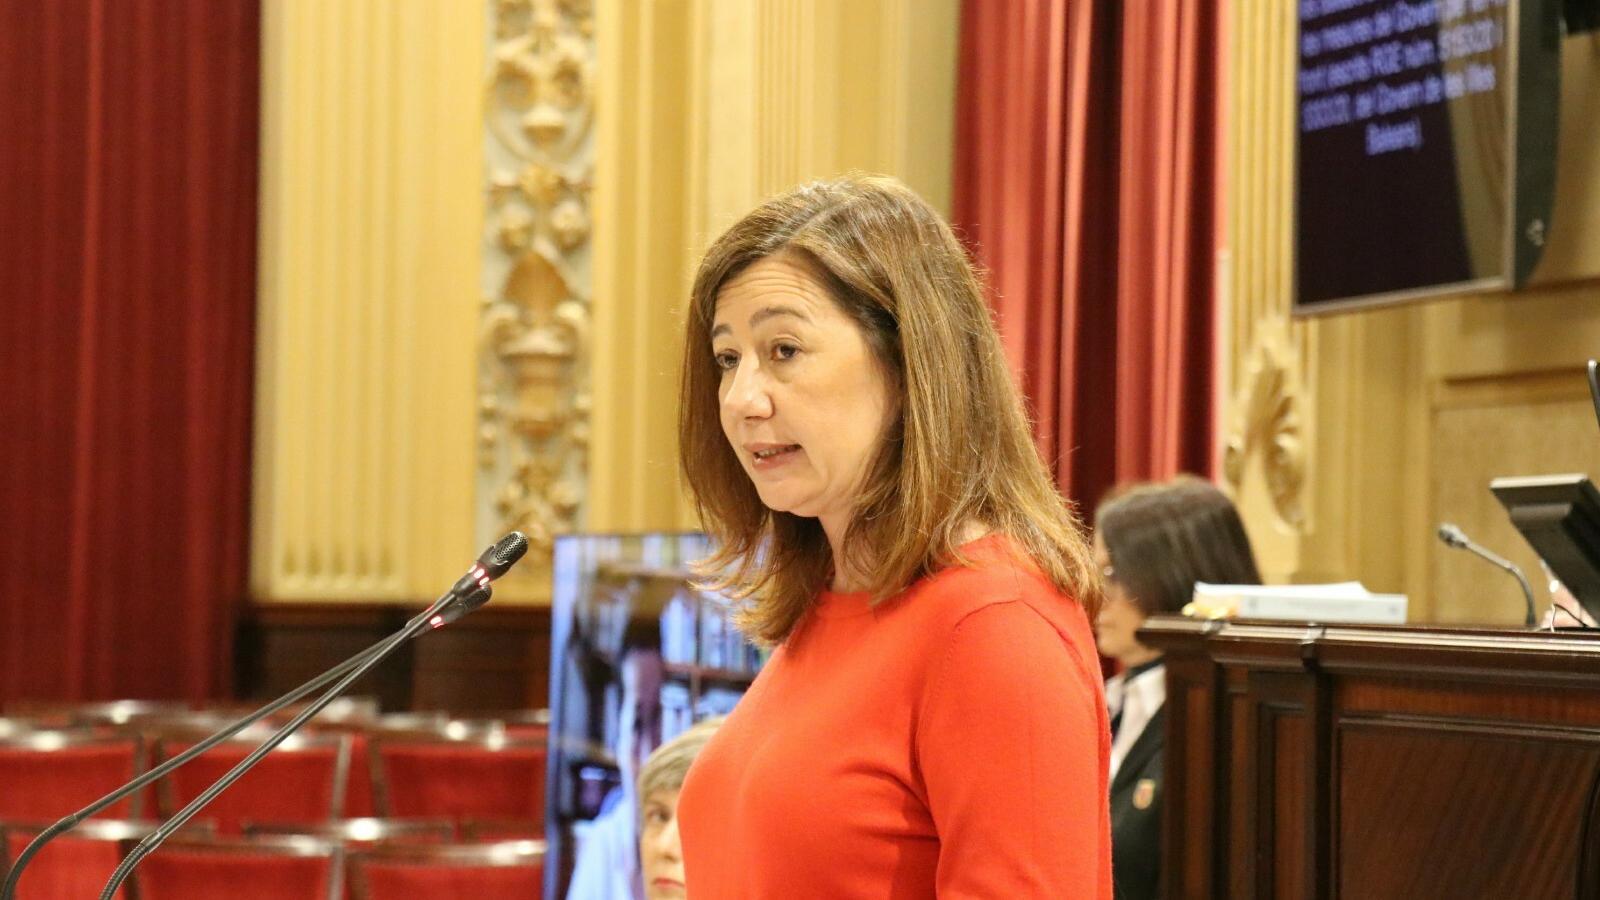 La presidenta del Govern, Francina Armengol, davant de la Diputació Permanent del Parlament